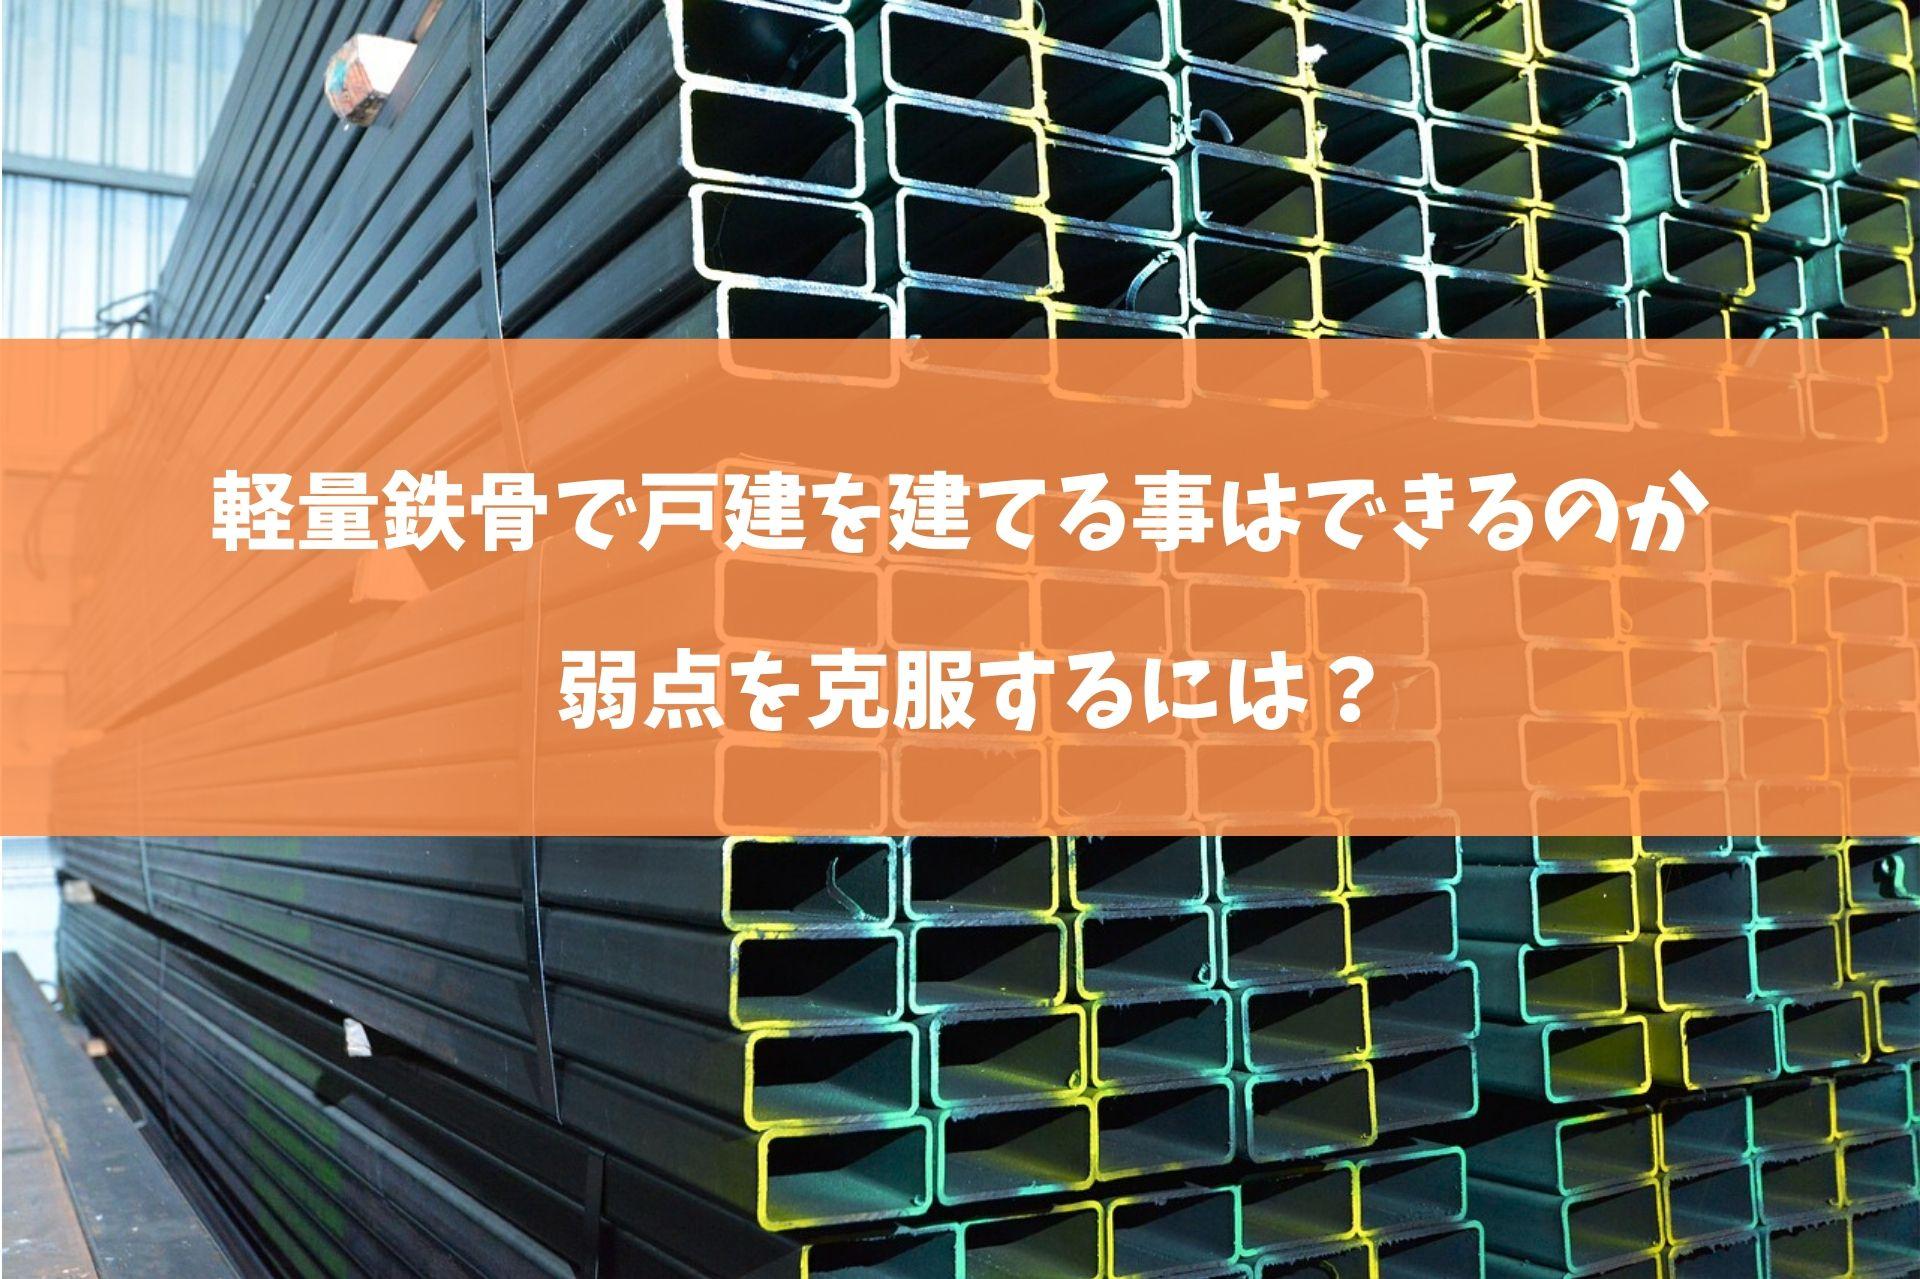 軽量鉄骨で戸建を建てる事はできるのか、弱点を克服するには?